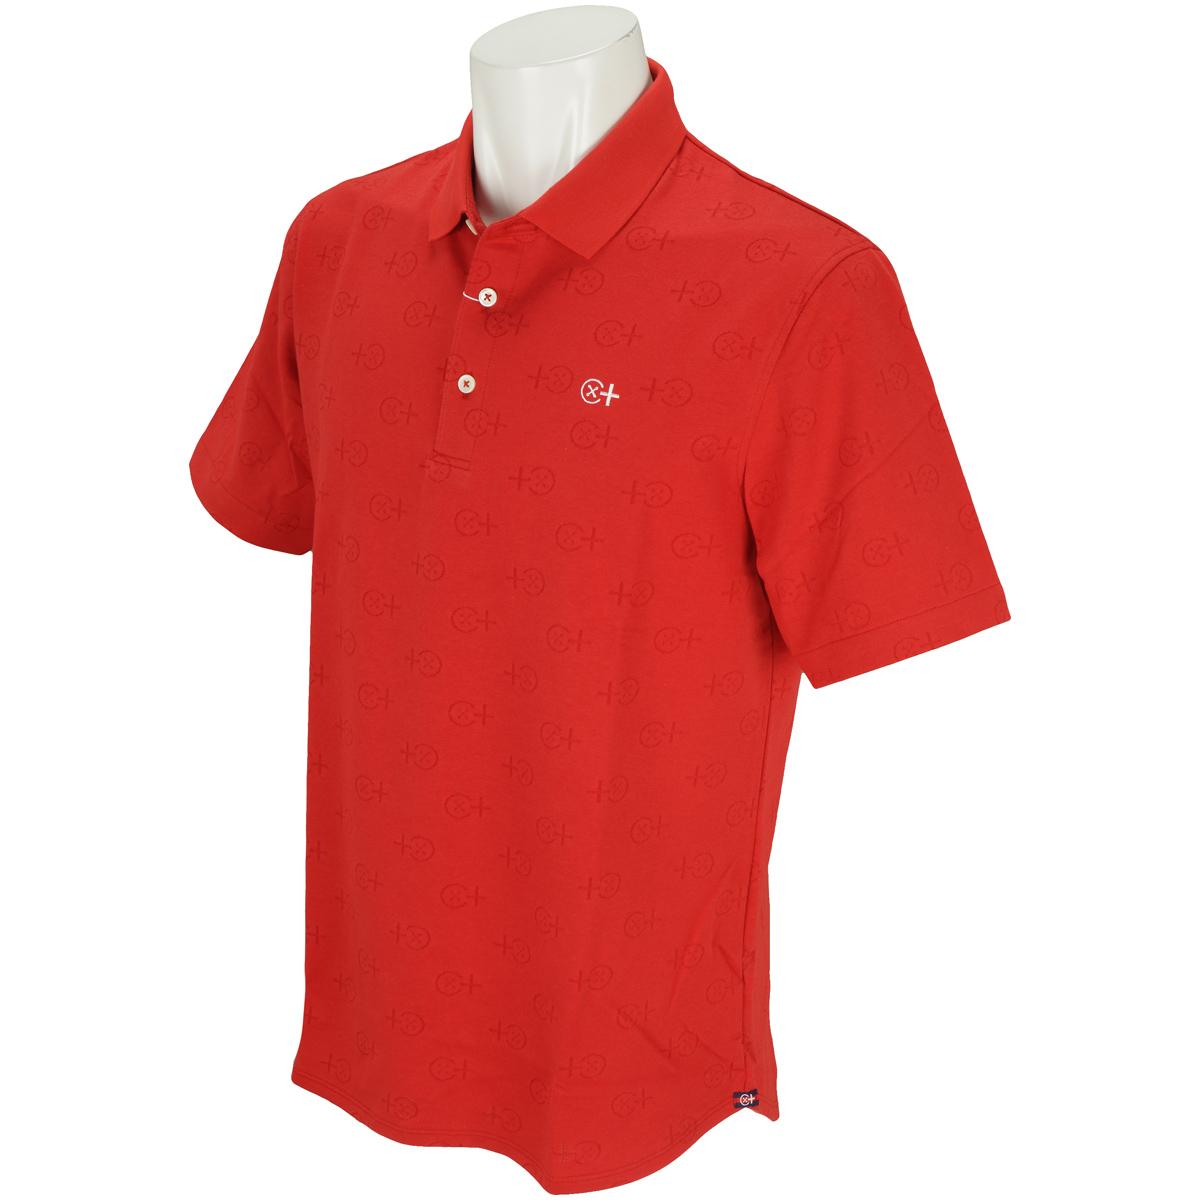 ボタンマーク 半袖ポロシャツ